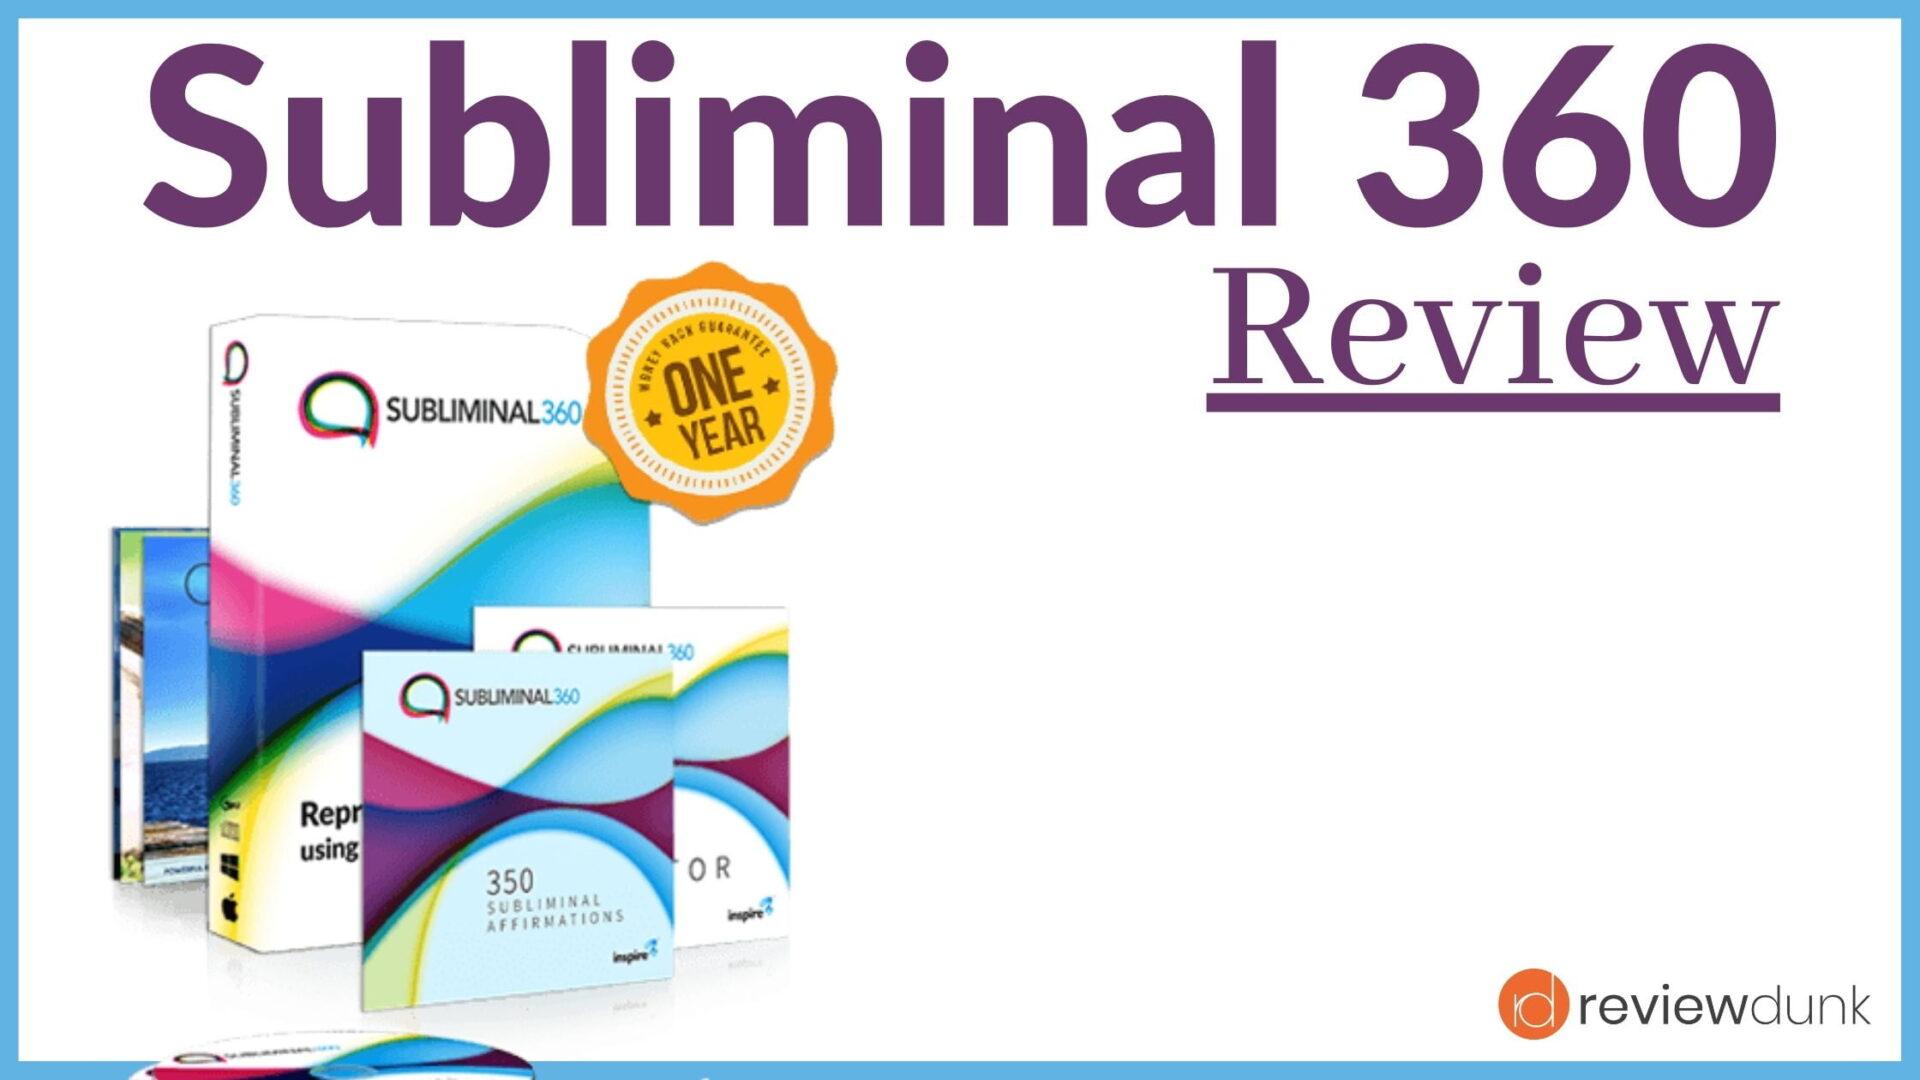 Subliminal 360 Review